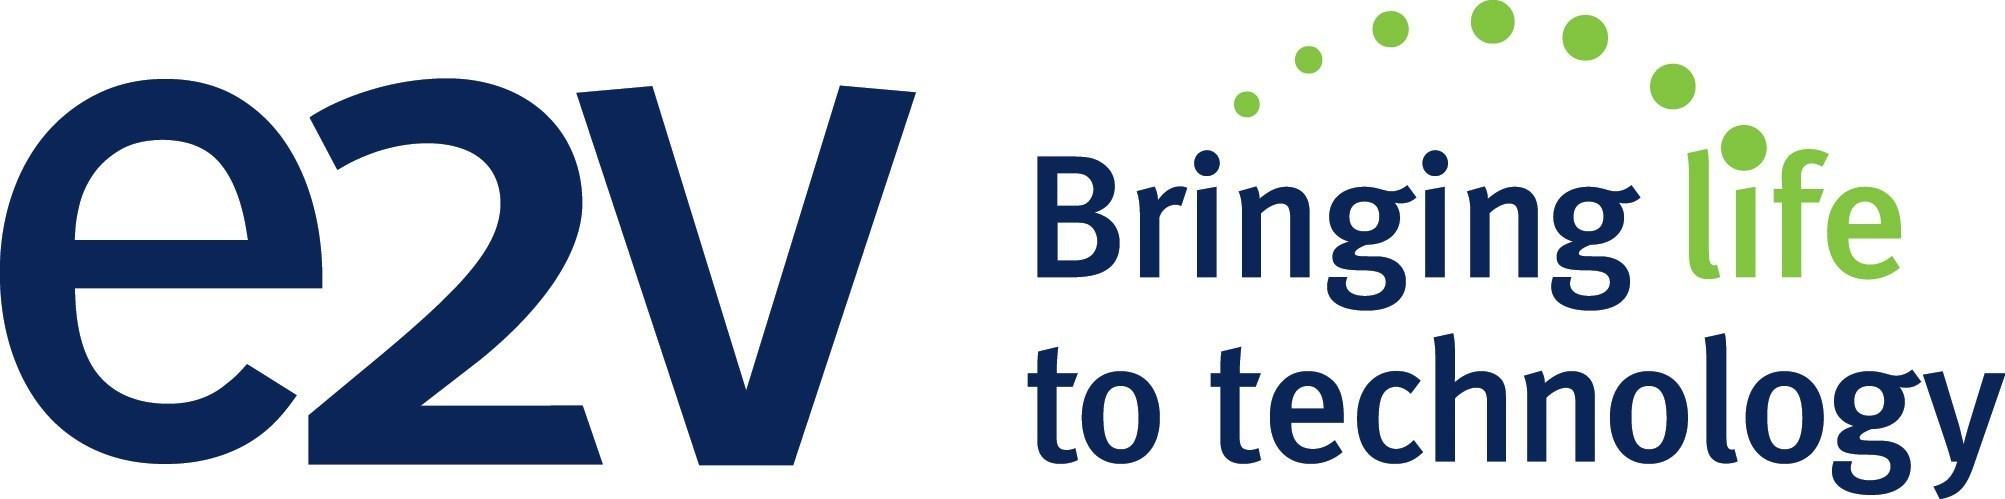 Logo E2v